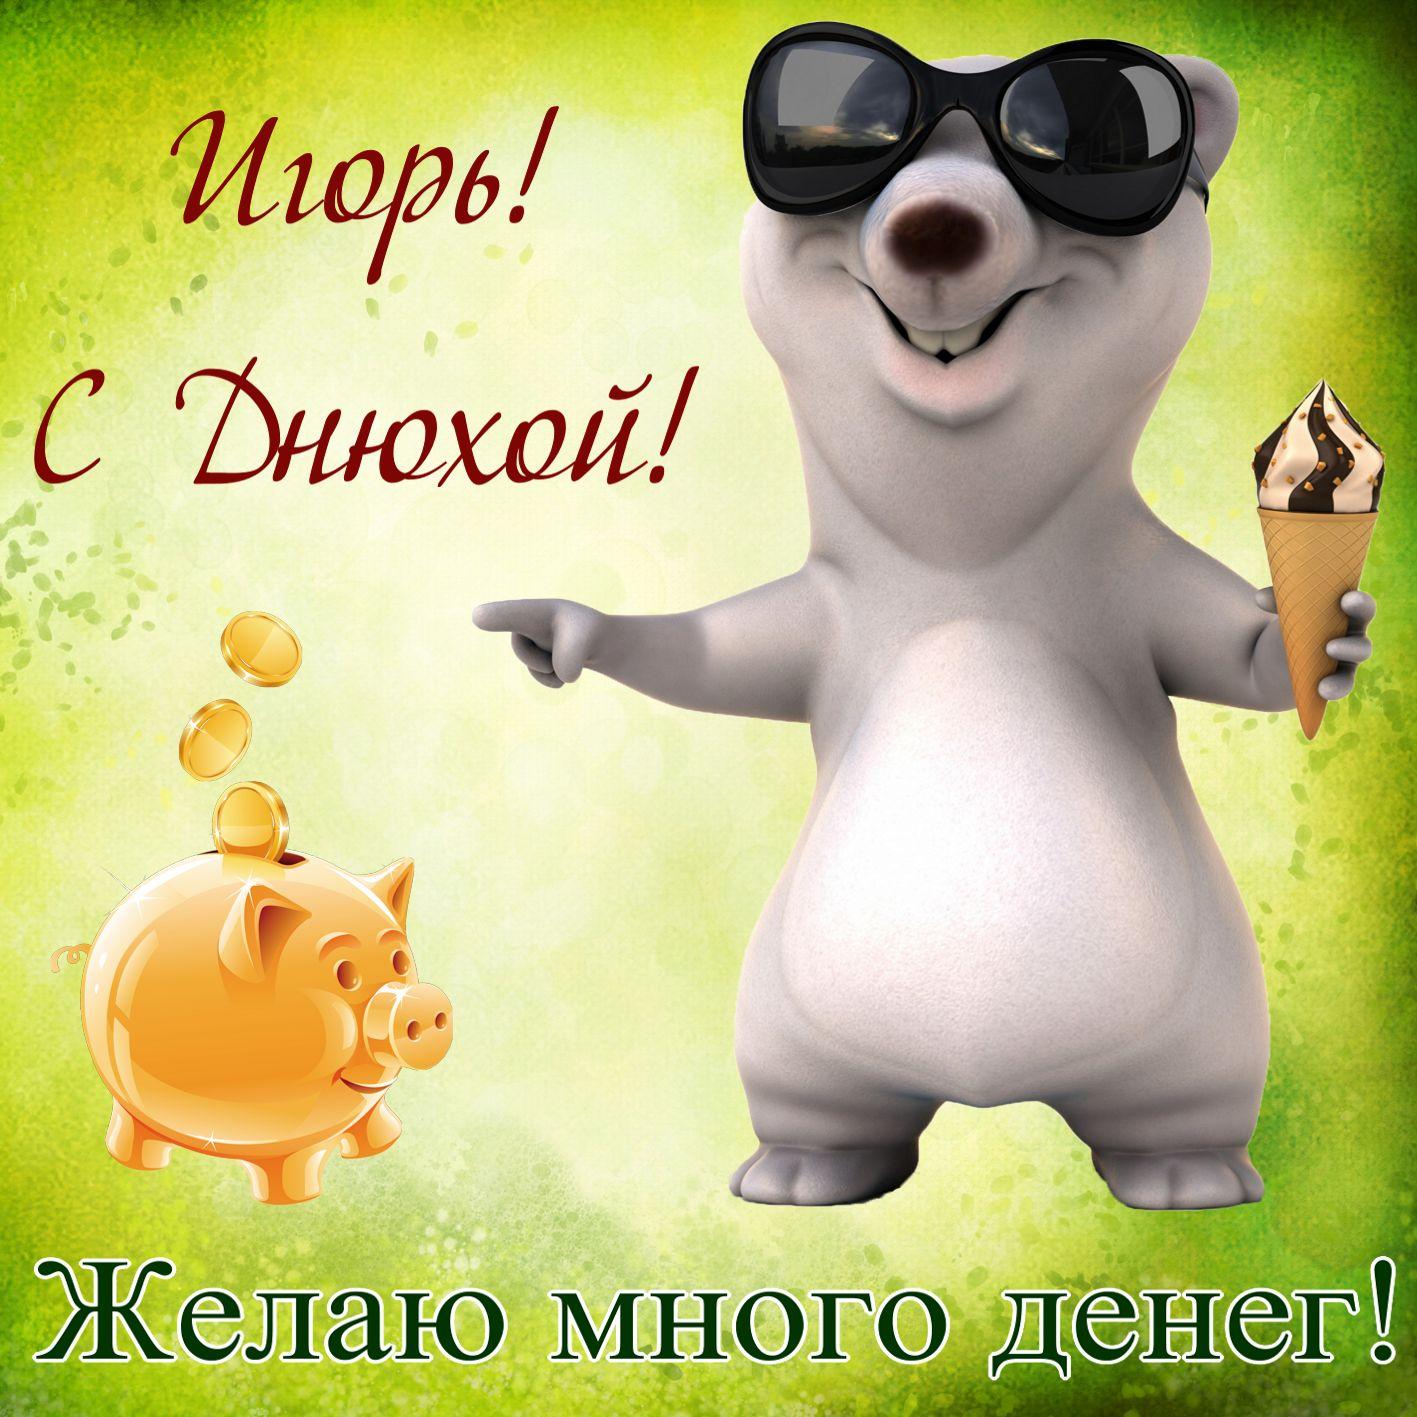 Открытка - желаю много денег Игорю на День рождения